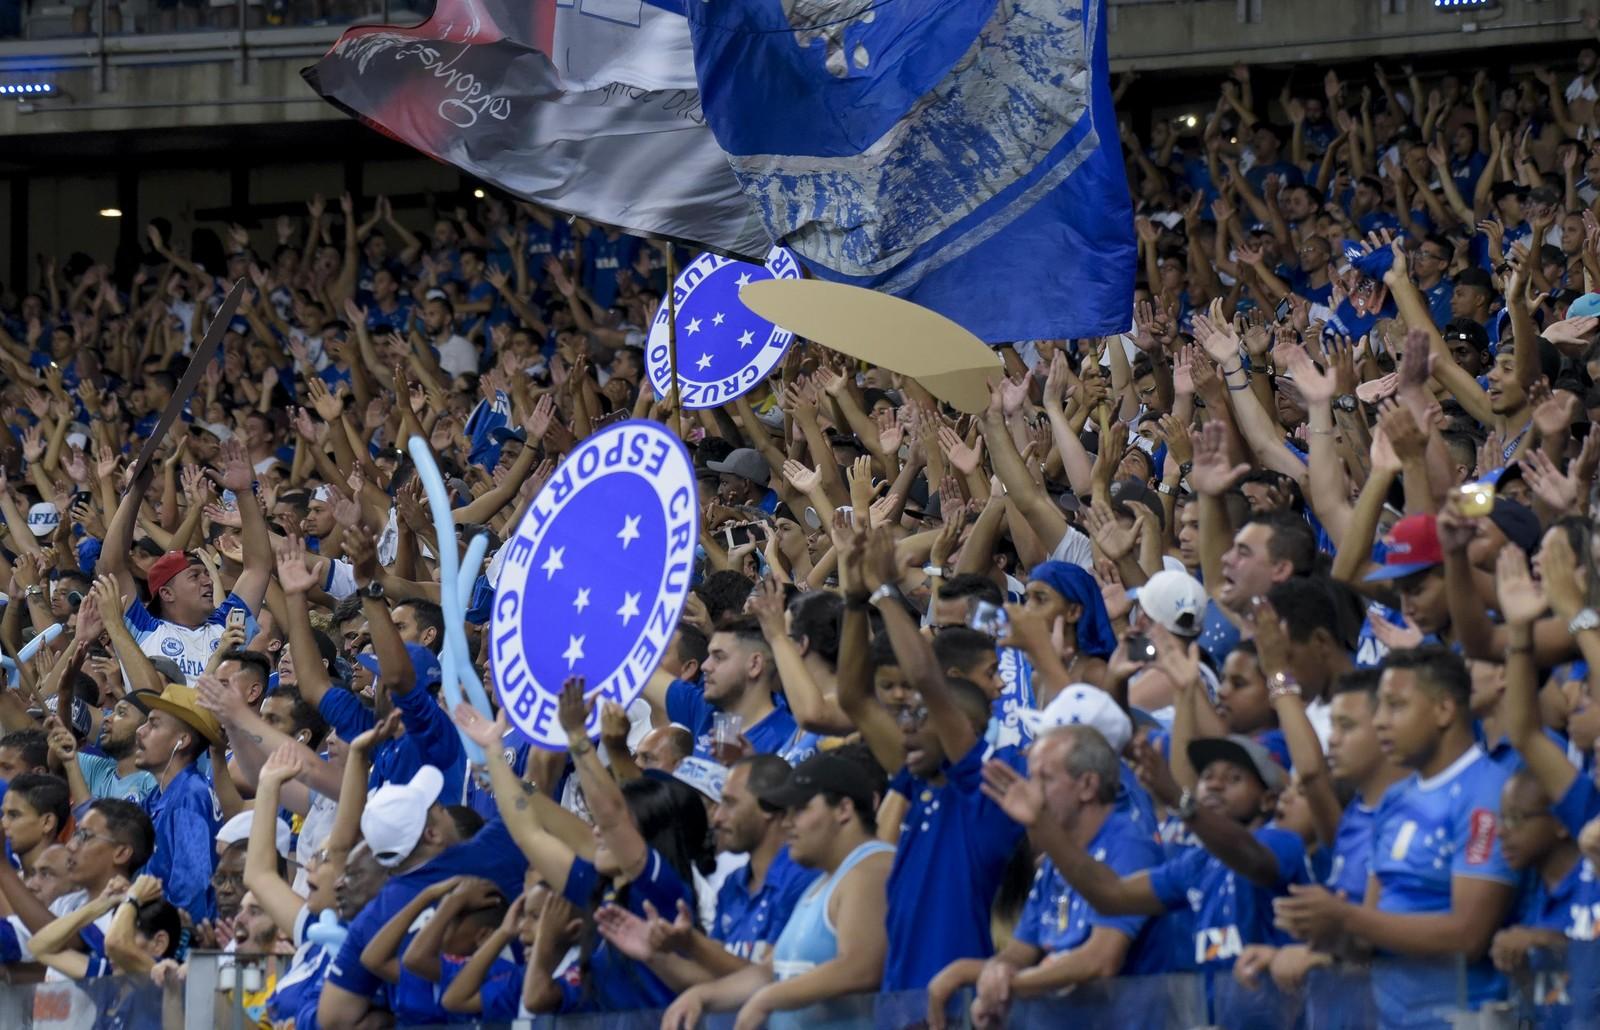 Uma semana após lançar desafio, Cruzeiro lidera adesões de novos sócios no ano